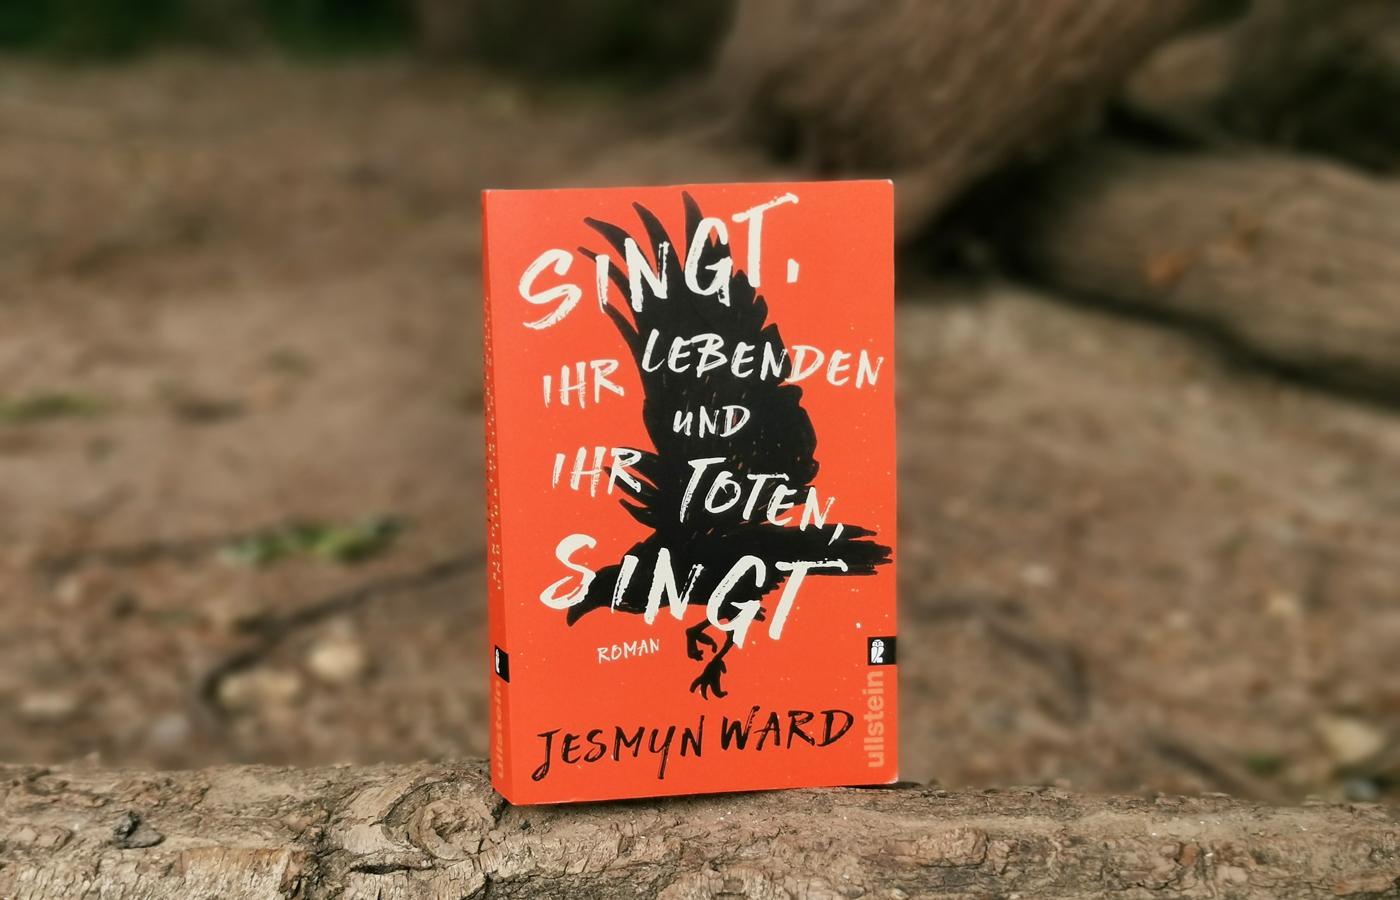 Literaturbesprechung:  »Singt, ihr Lebenden und ihr Toten, singt« von Jesmyn Ward